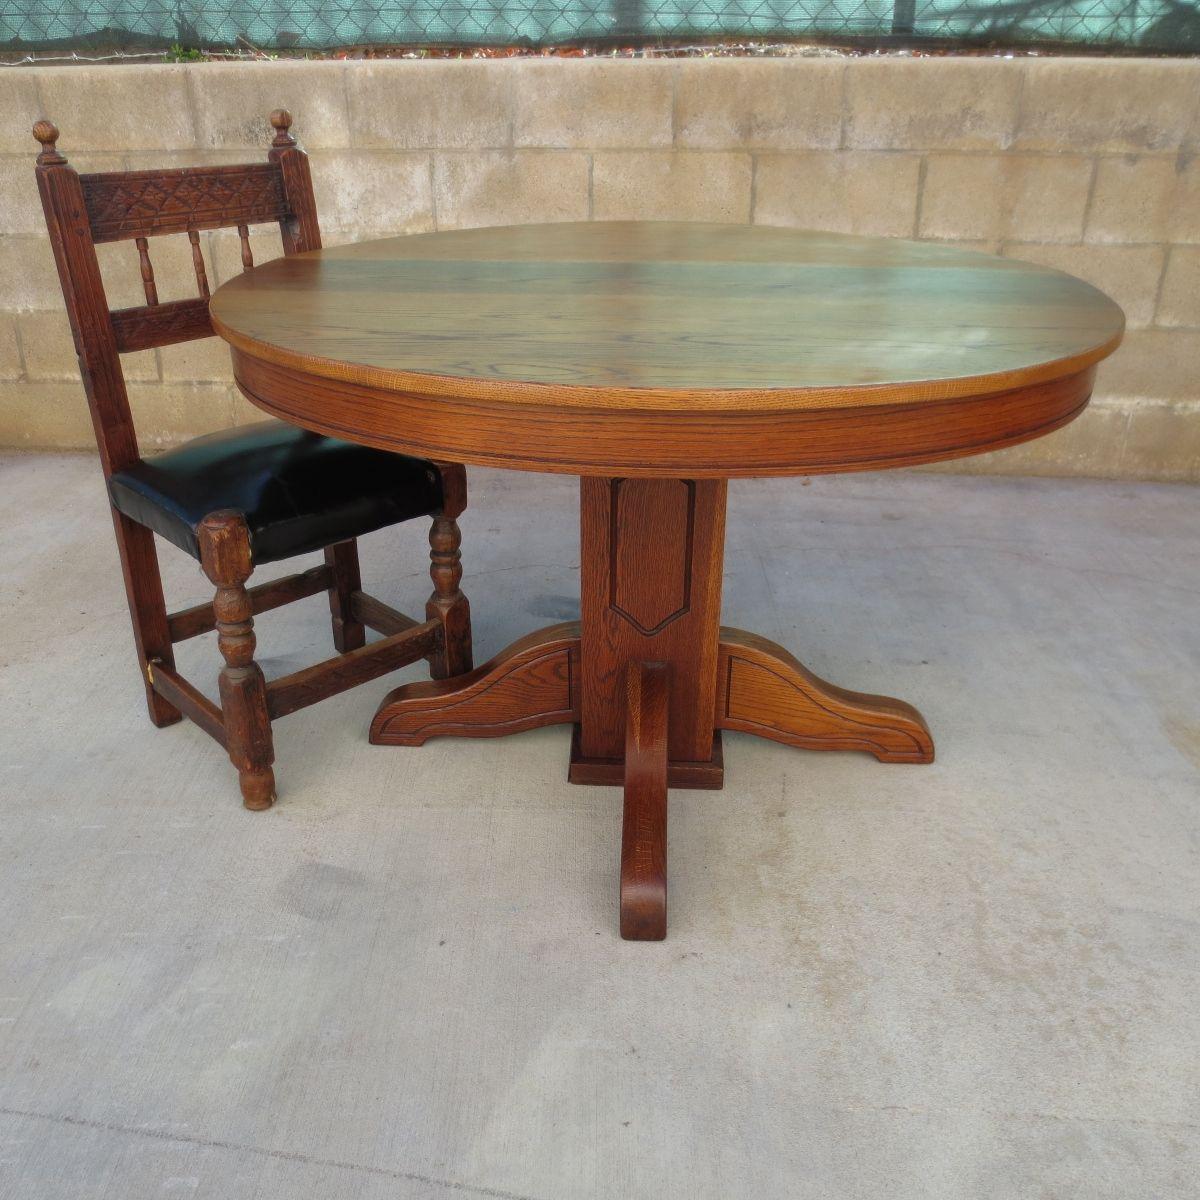 round kitchen table vintage round kitchen table vintage   http   manageditservicesatlanta net      rh   pinterest com